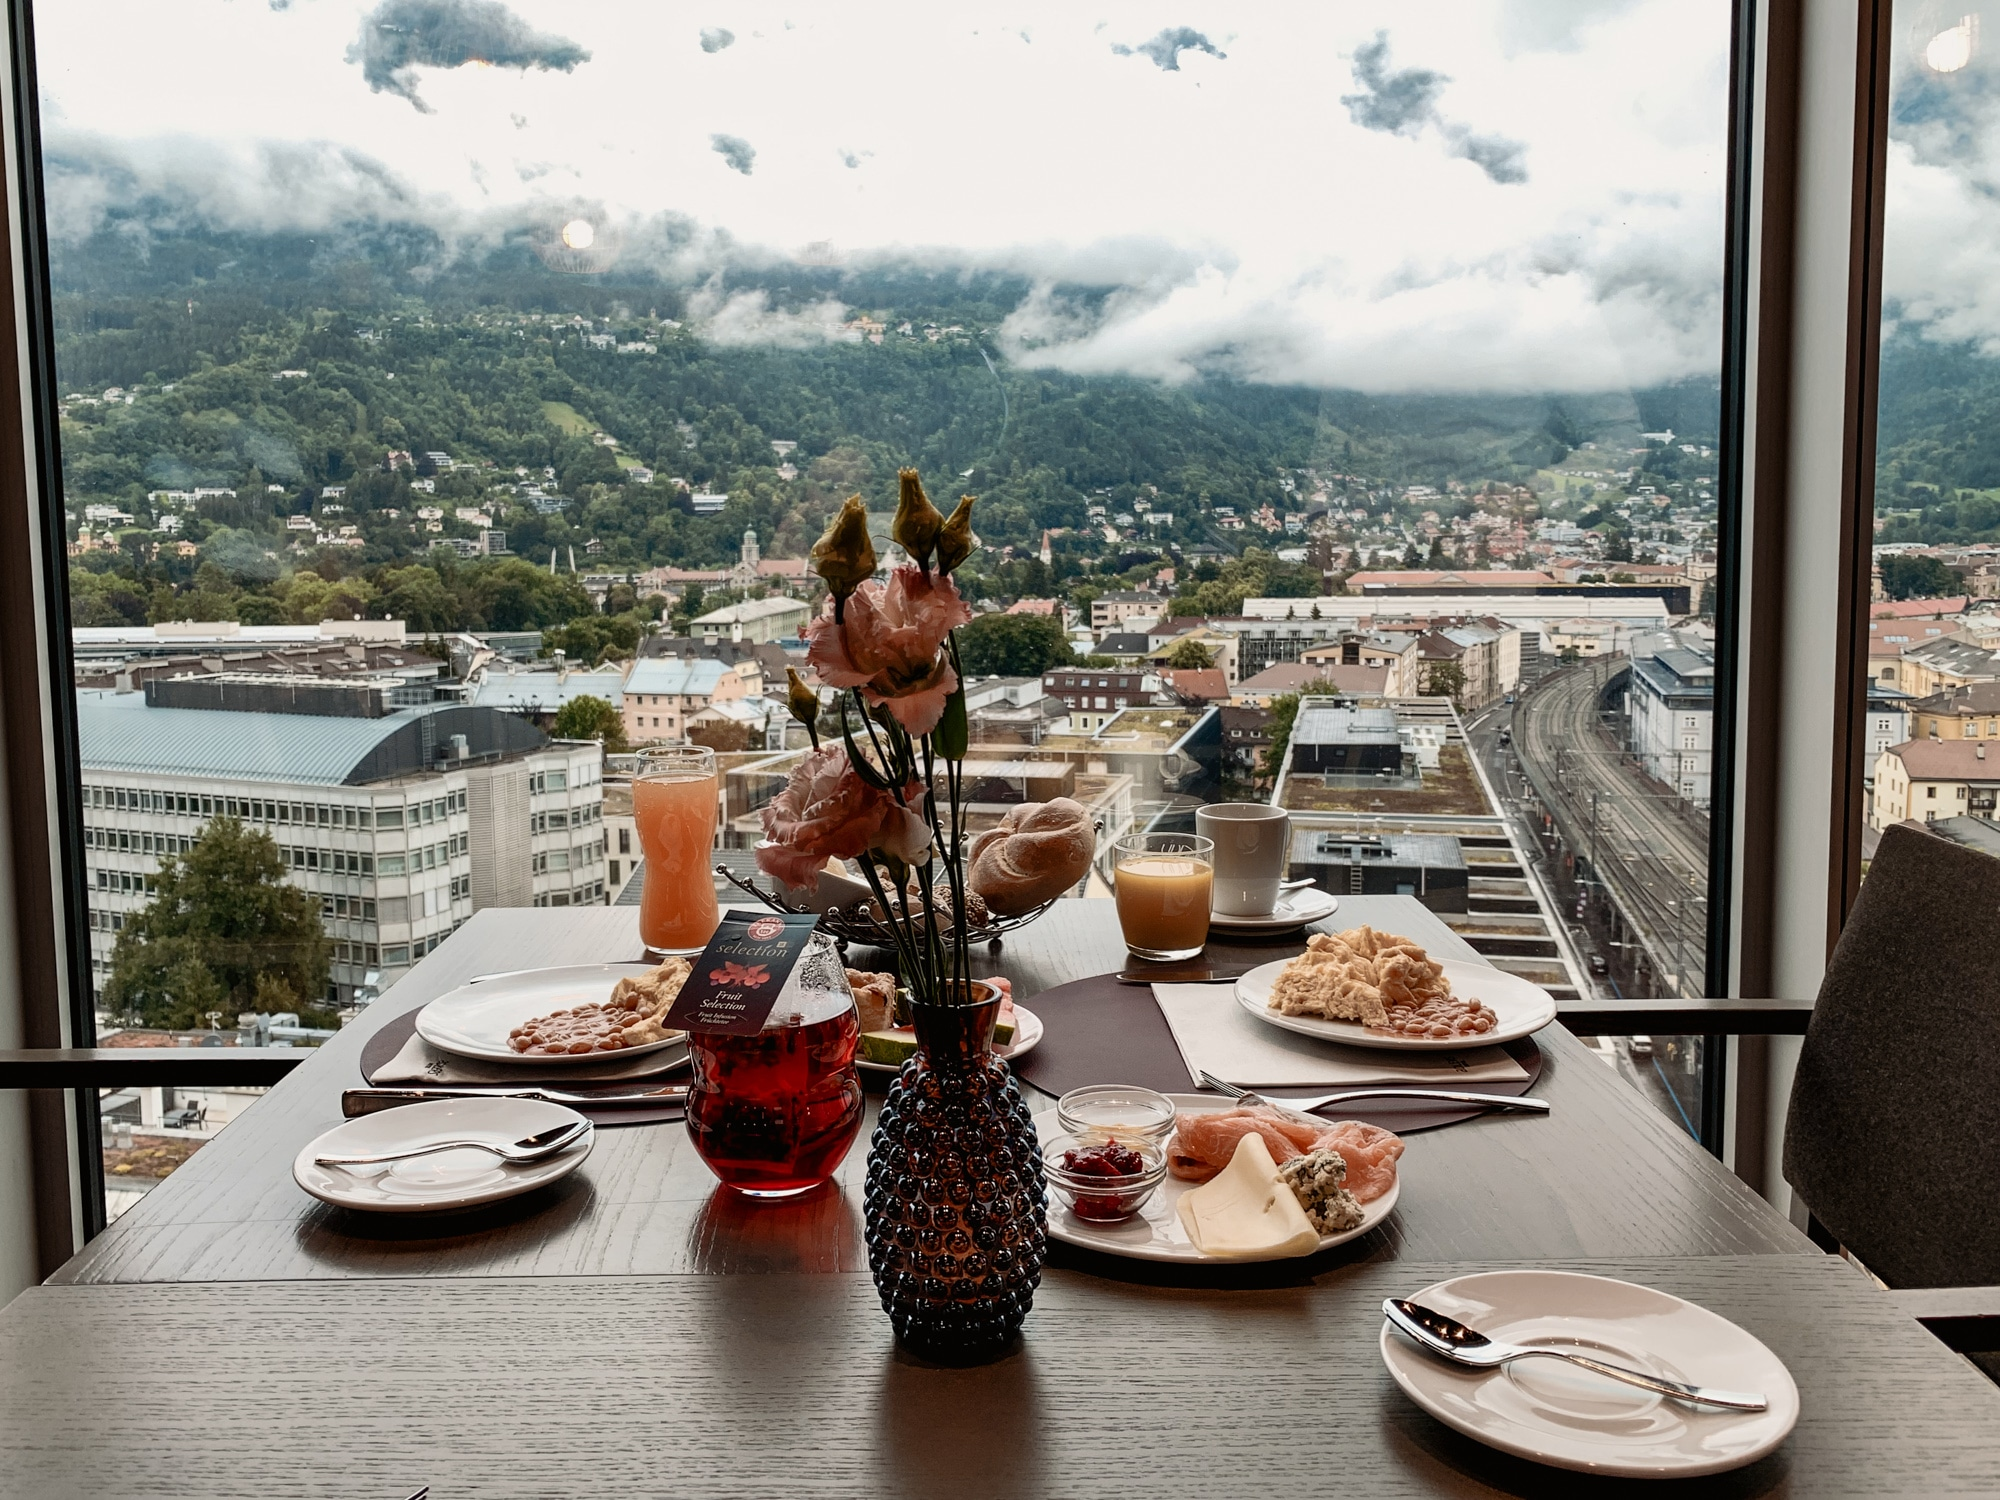 Innsbruck Sehenswürdigkeiten: Top Ten Highlights und Tipps für die Stadt - Adlers Hotel Restaurant Bar Weitsicht Frühstück